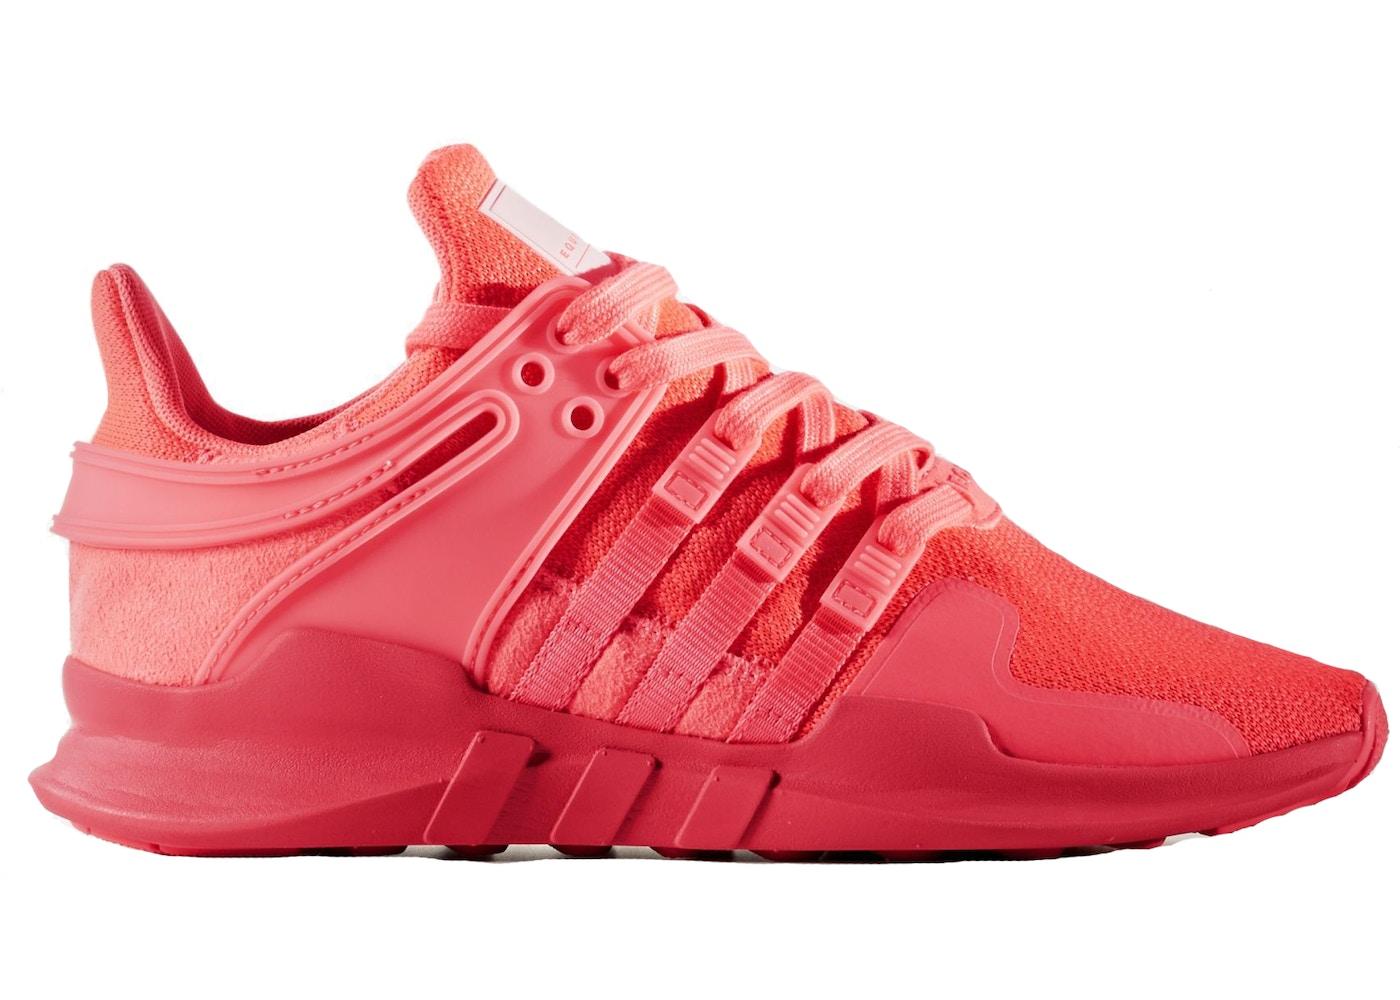 adidas EQT Support ADV Turbo Pink (W) - BB2326